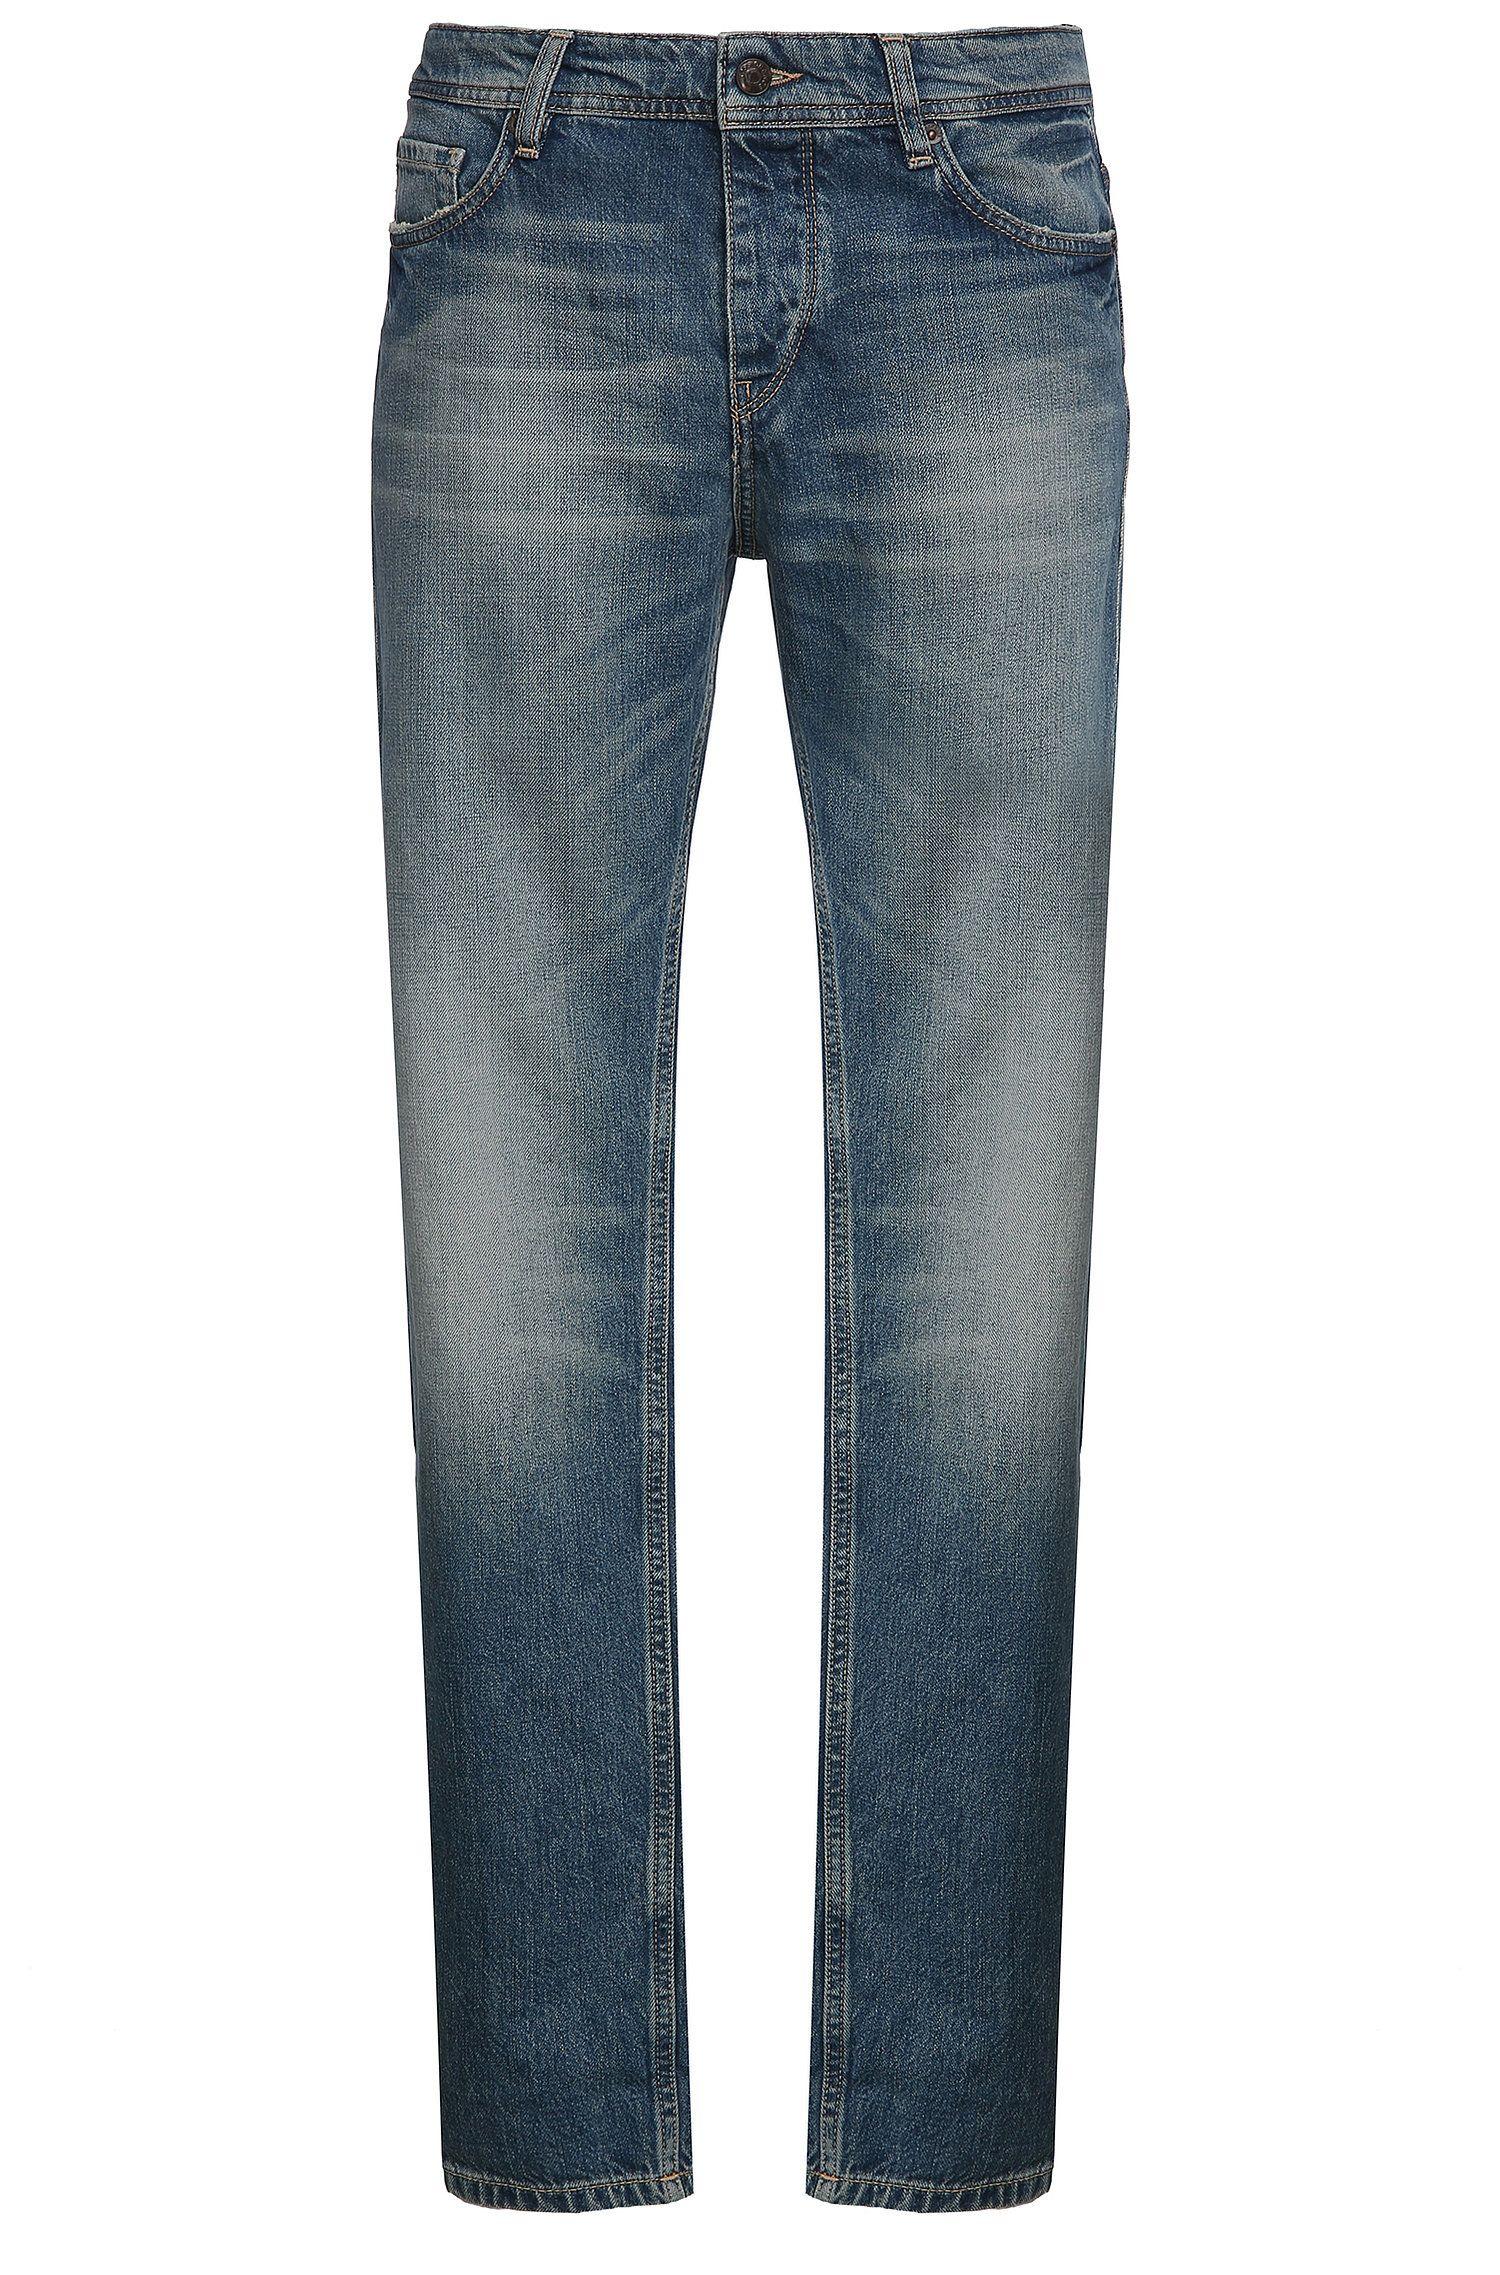 12 oz Cotton Blend Jeans, Slim Fit | Orange90